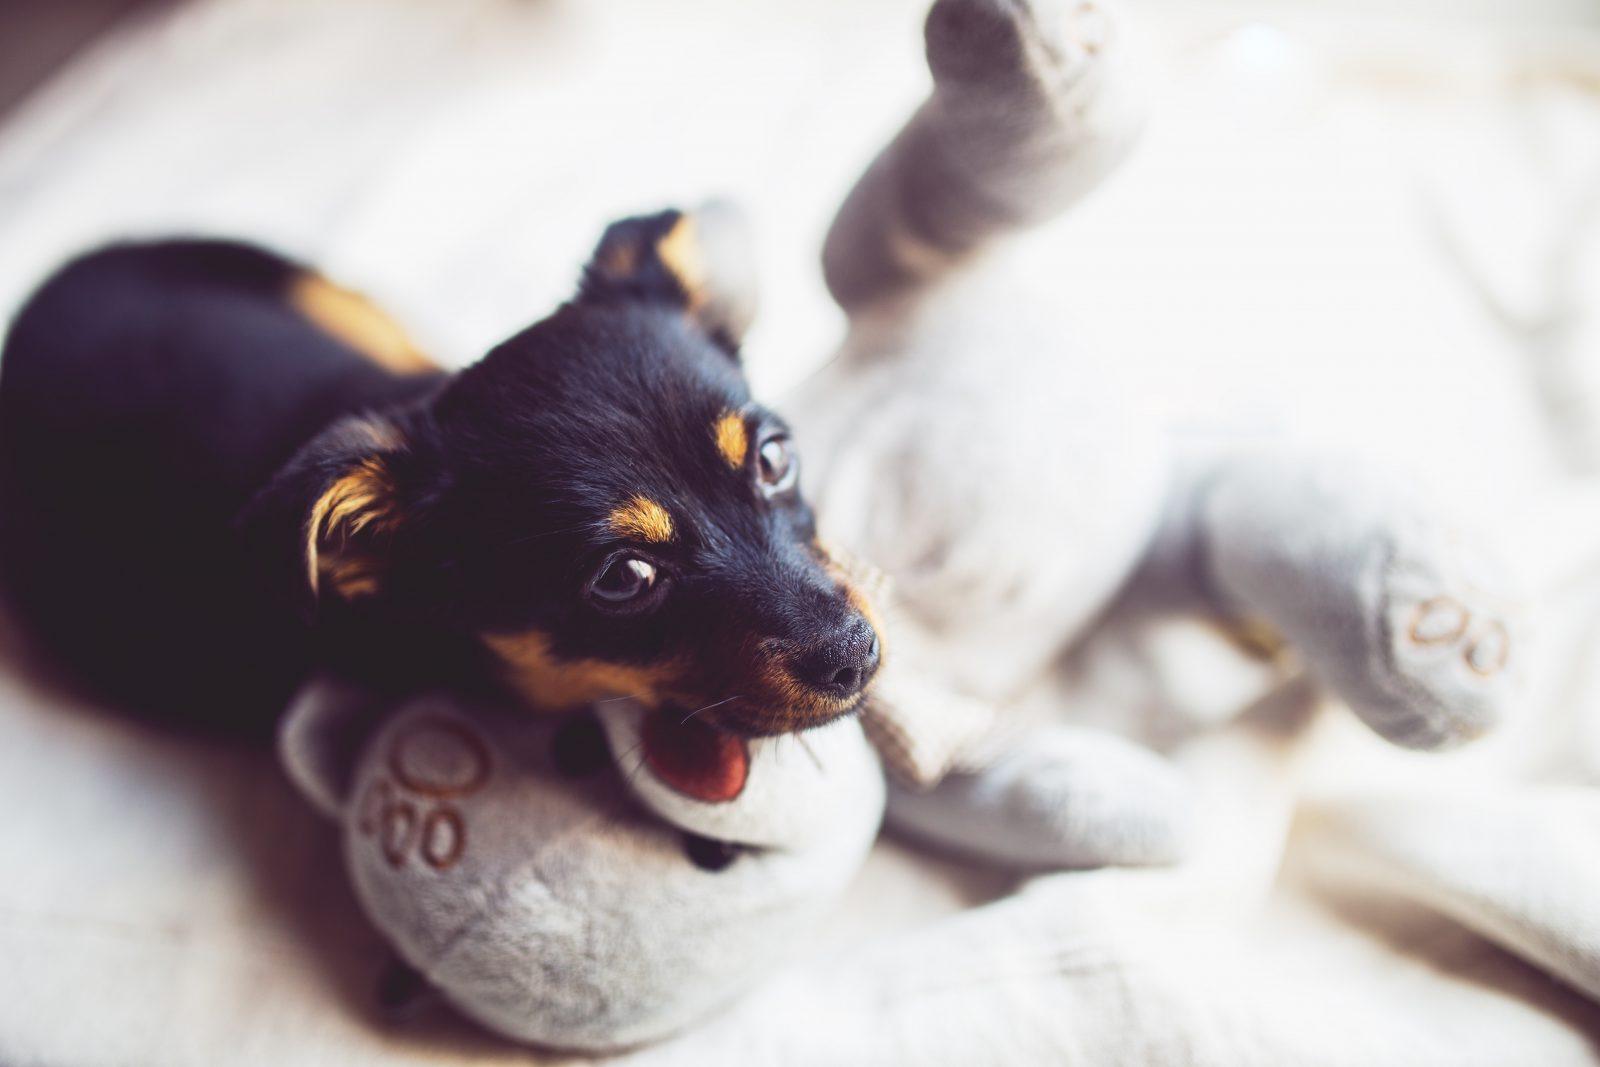 Cachorro latindo: Pinscher alemão mordendo ursinho de pelúcia para cachorro.